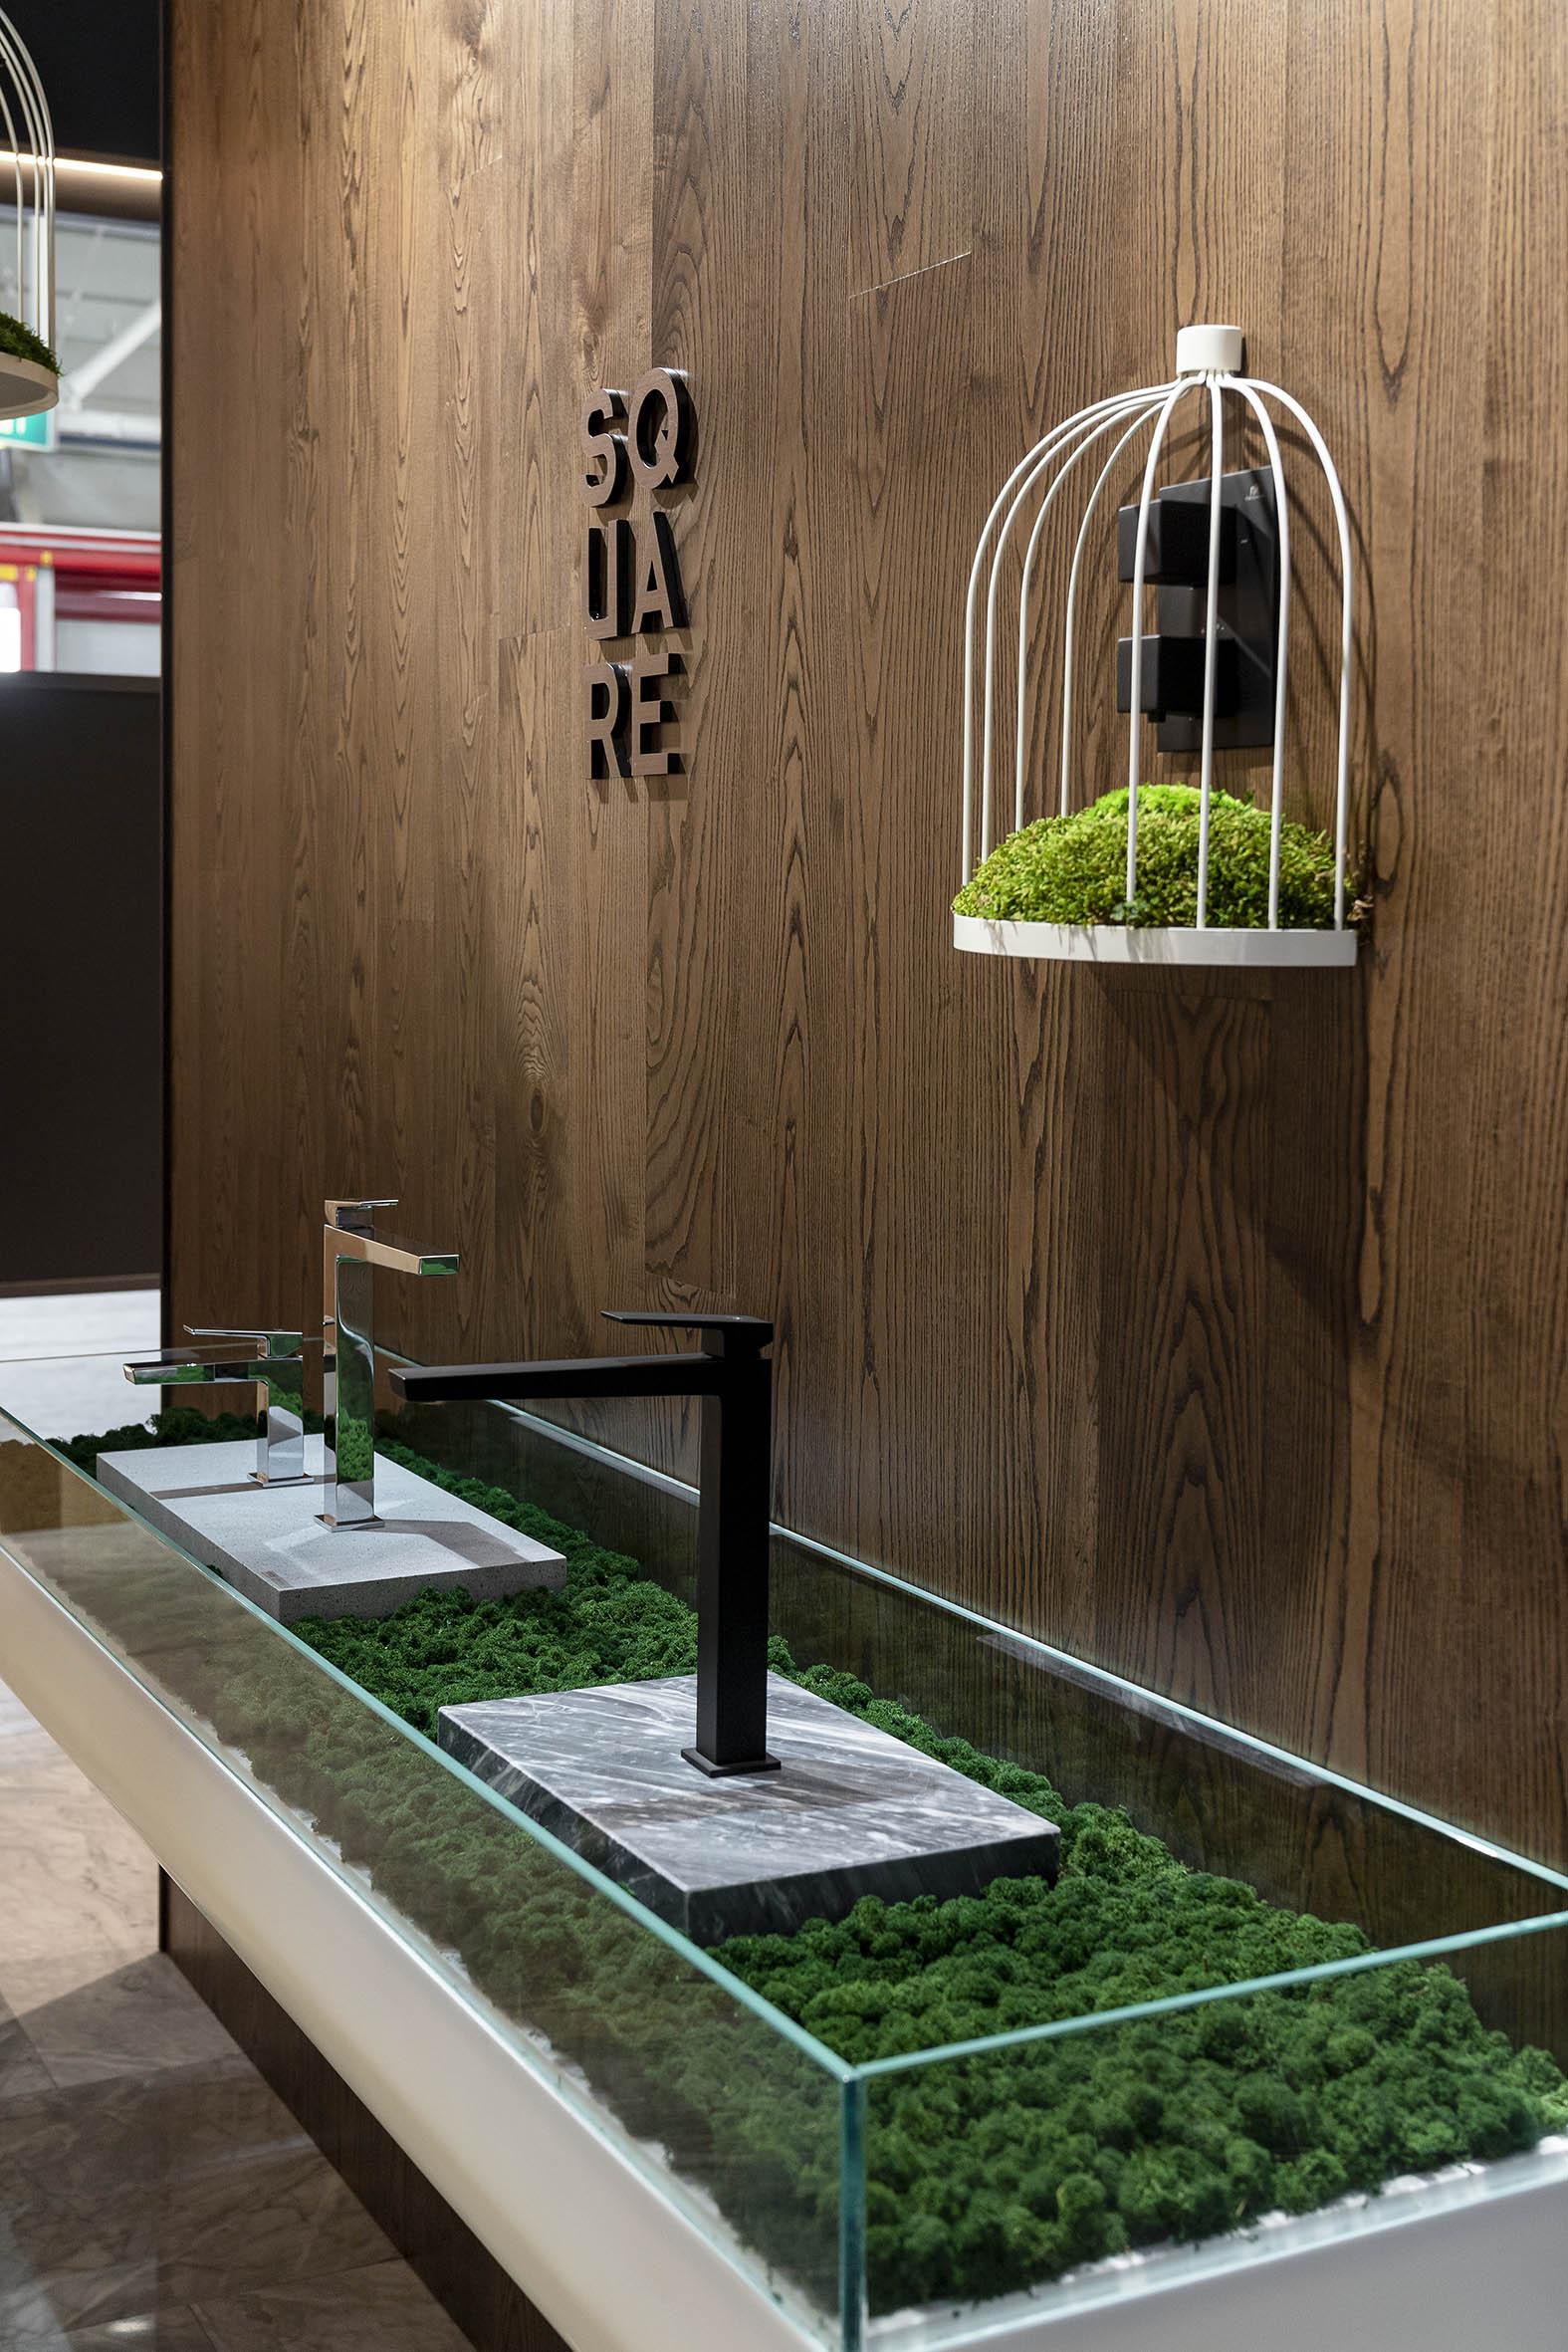 elementos decorativos con plantas preservadas Greenarea